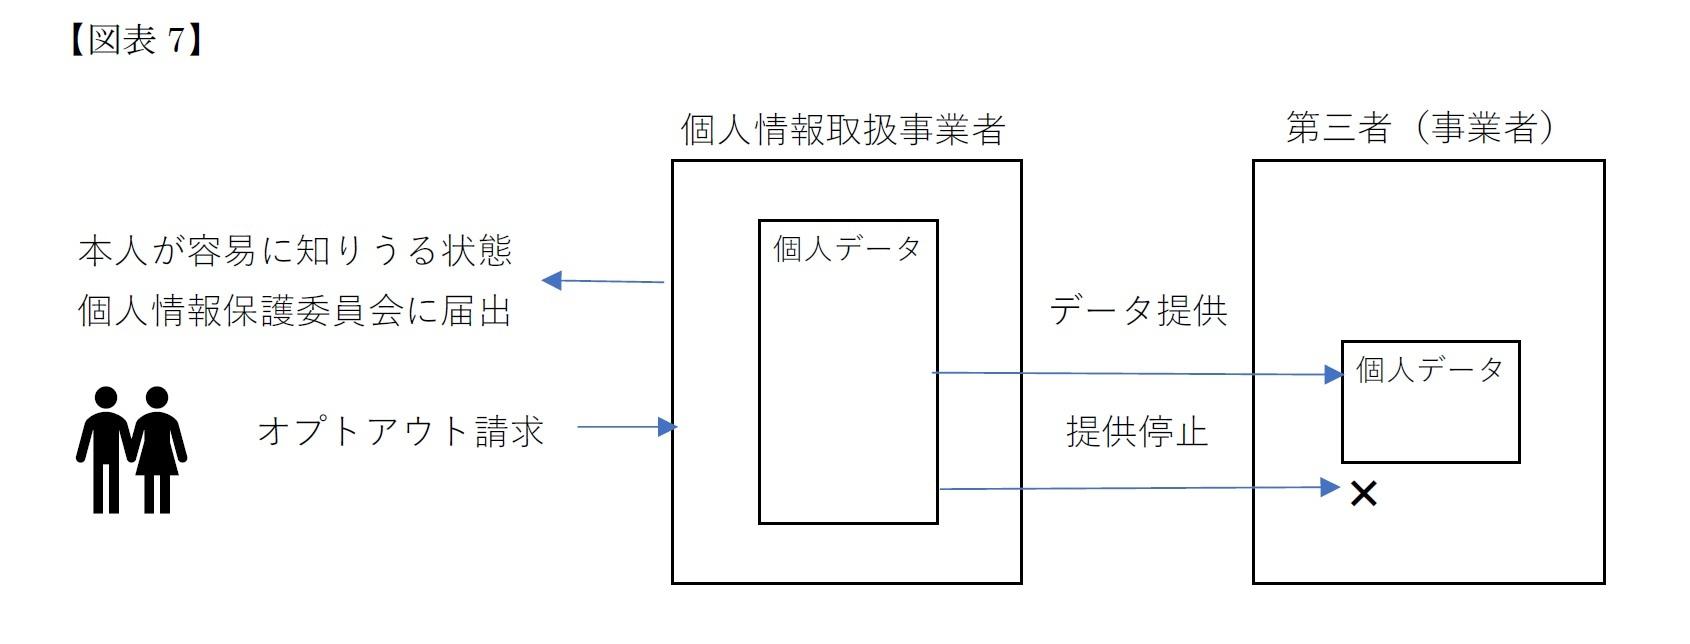 現行法で第三者提供を行うための三つの方法